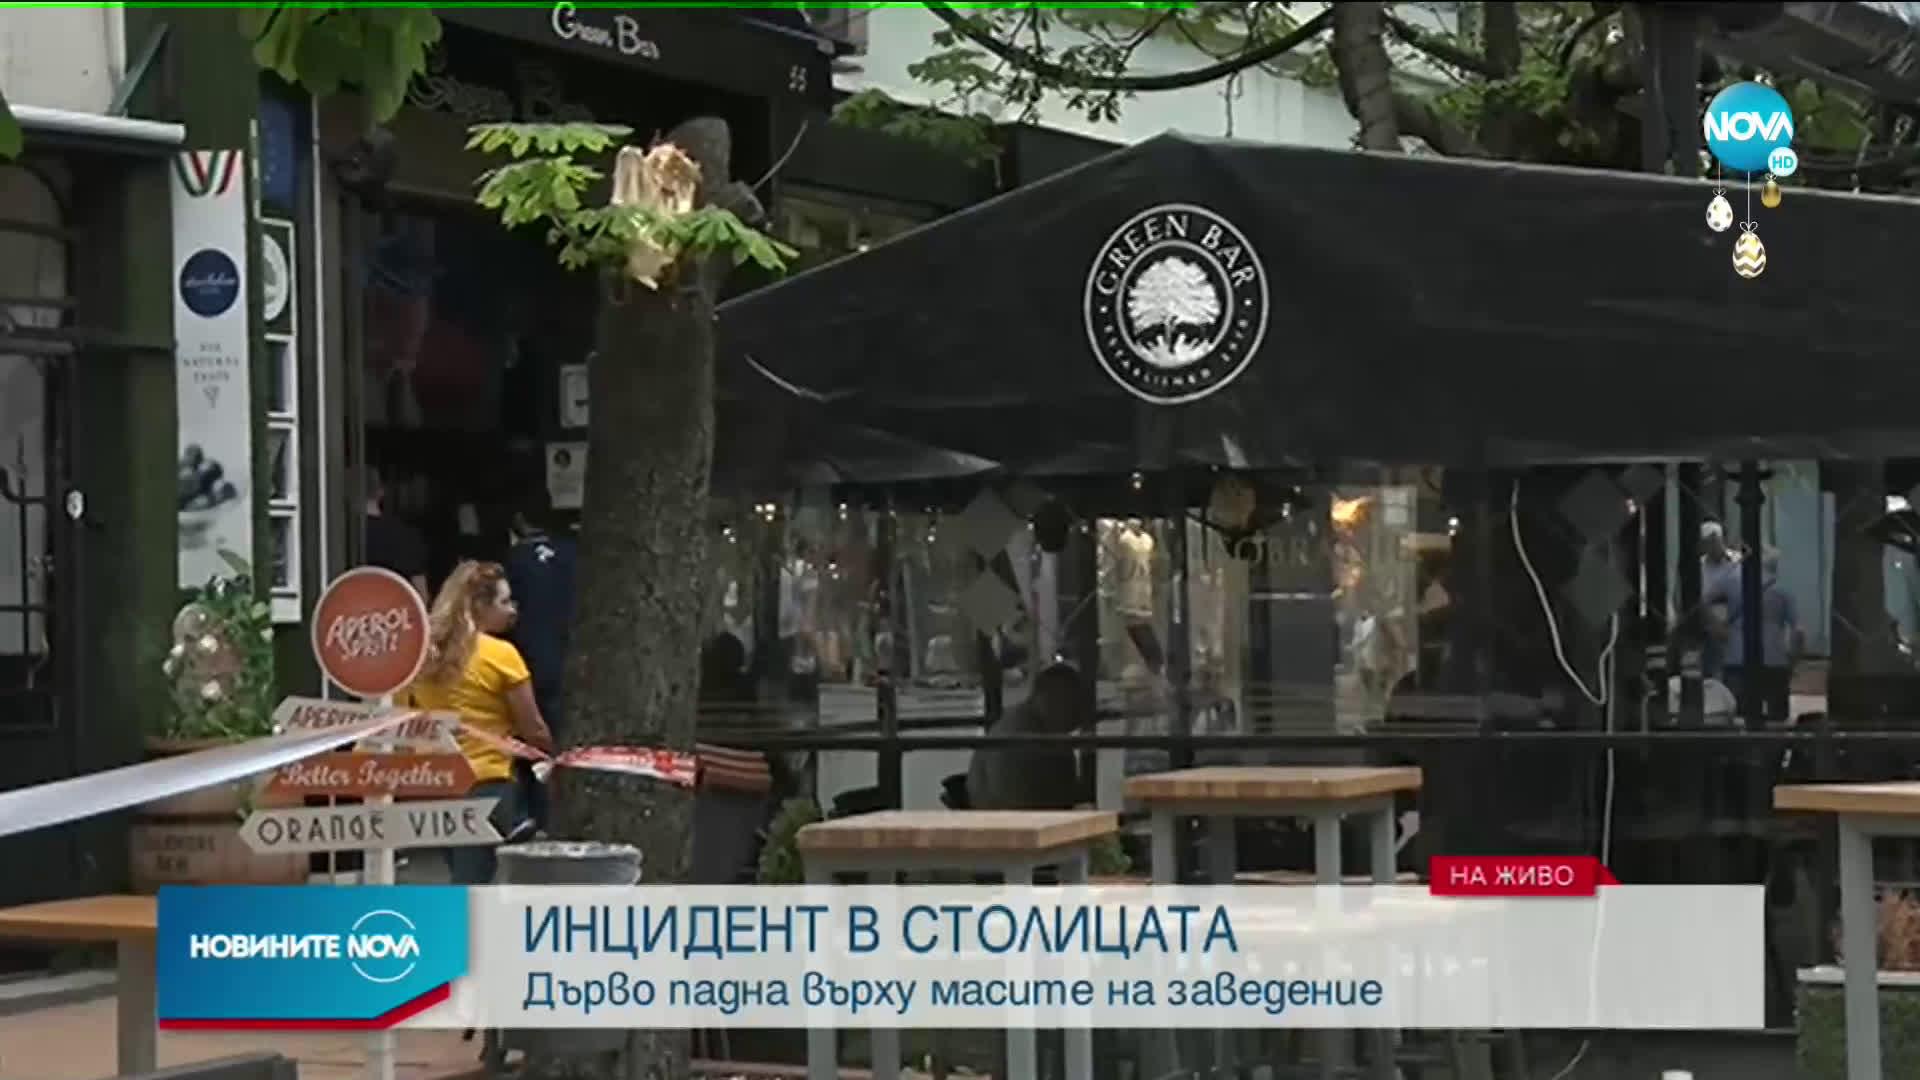 Дърво падна върху маси на заведение в центъра на София